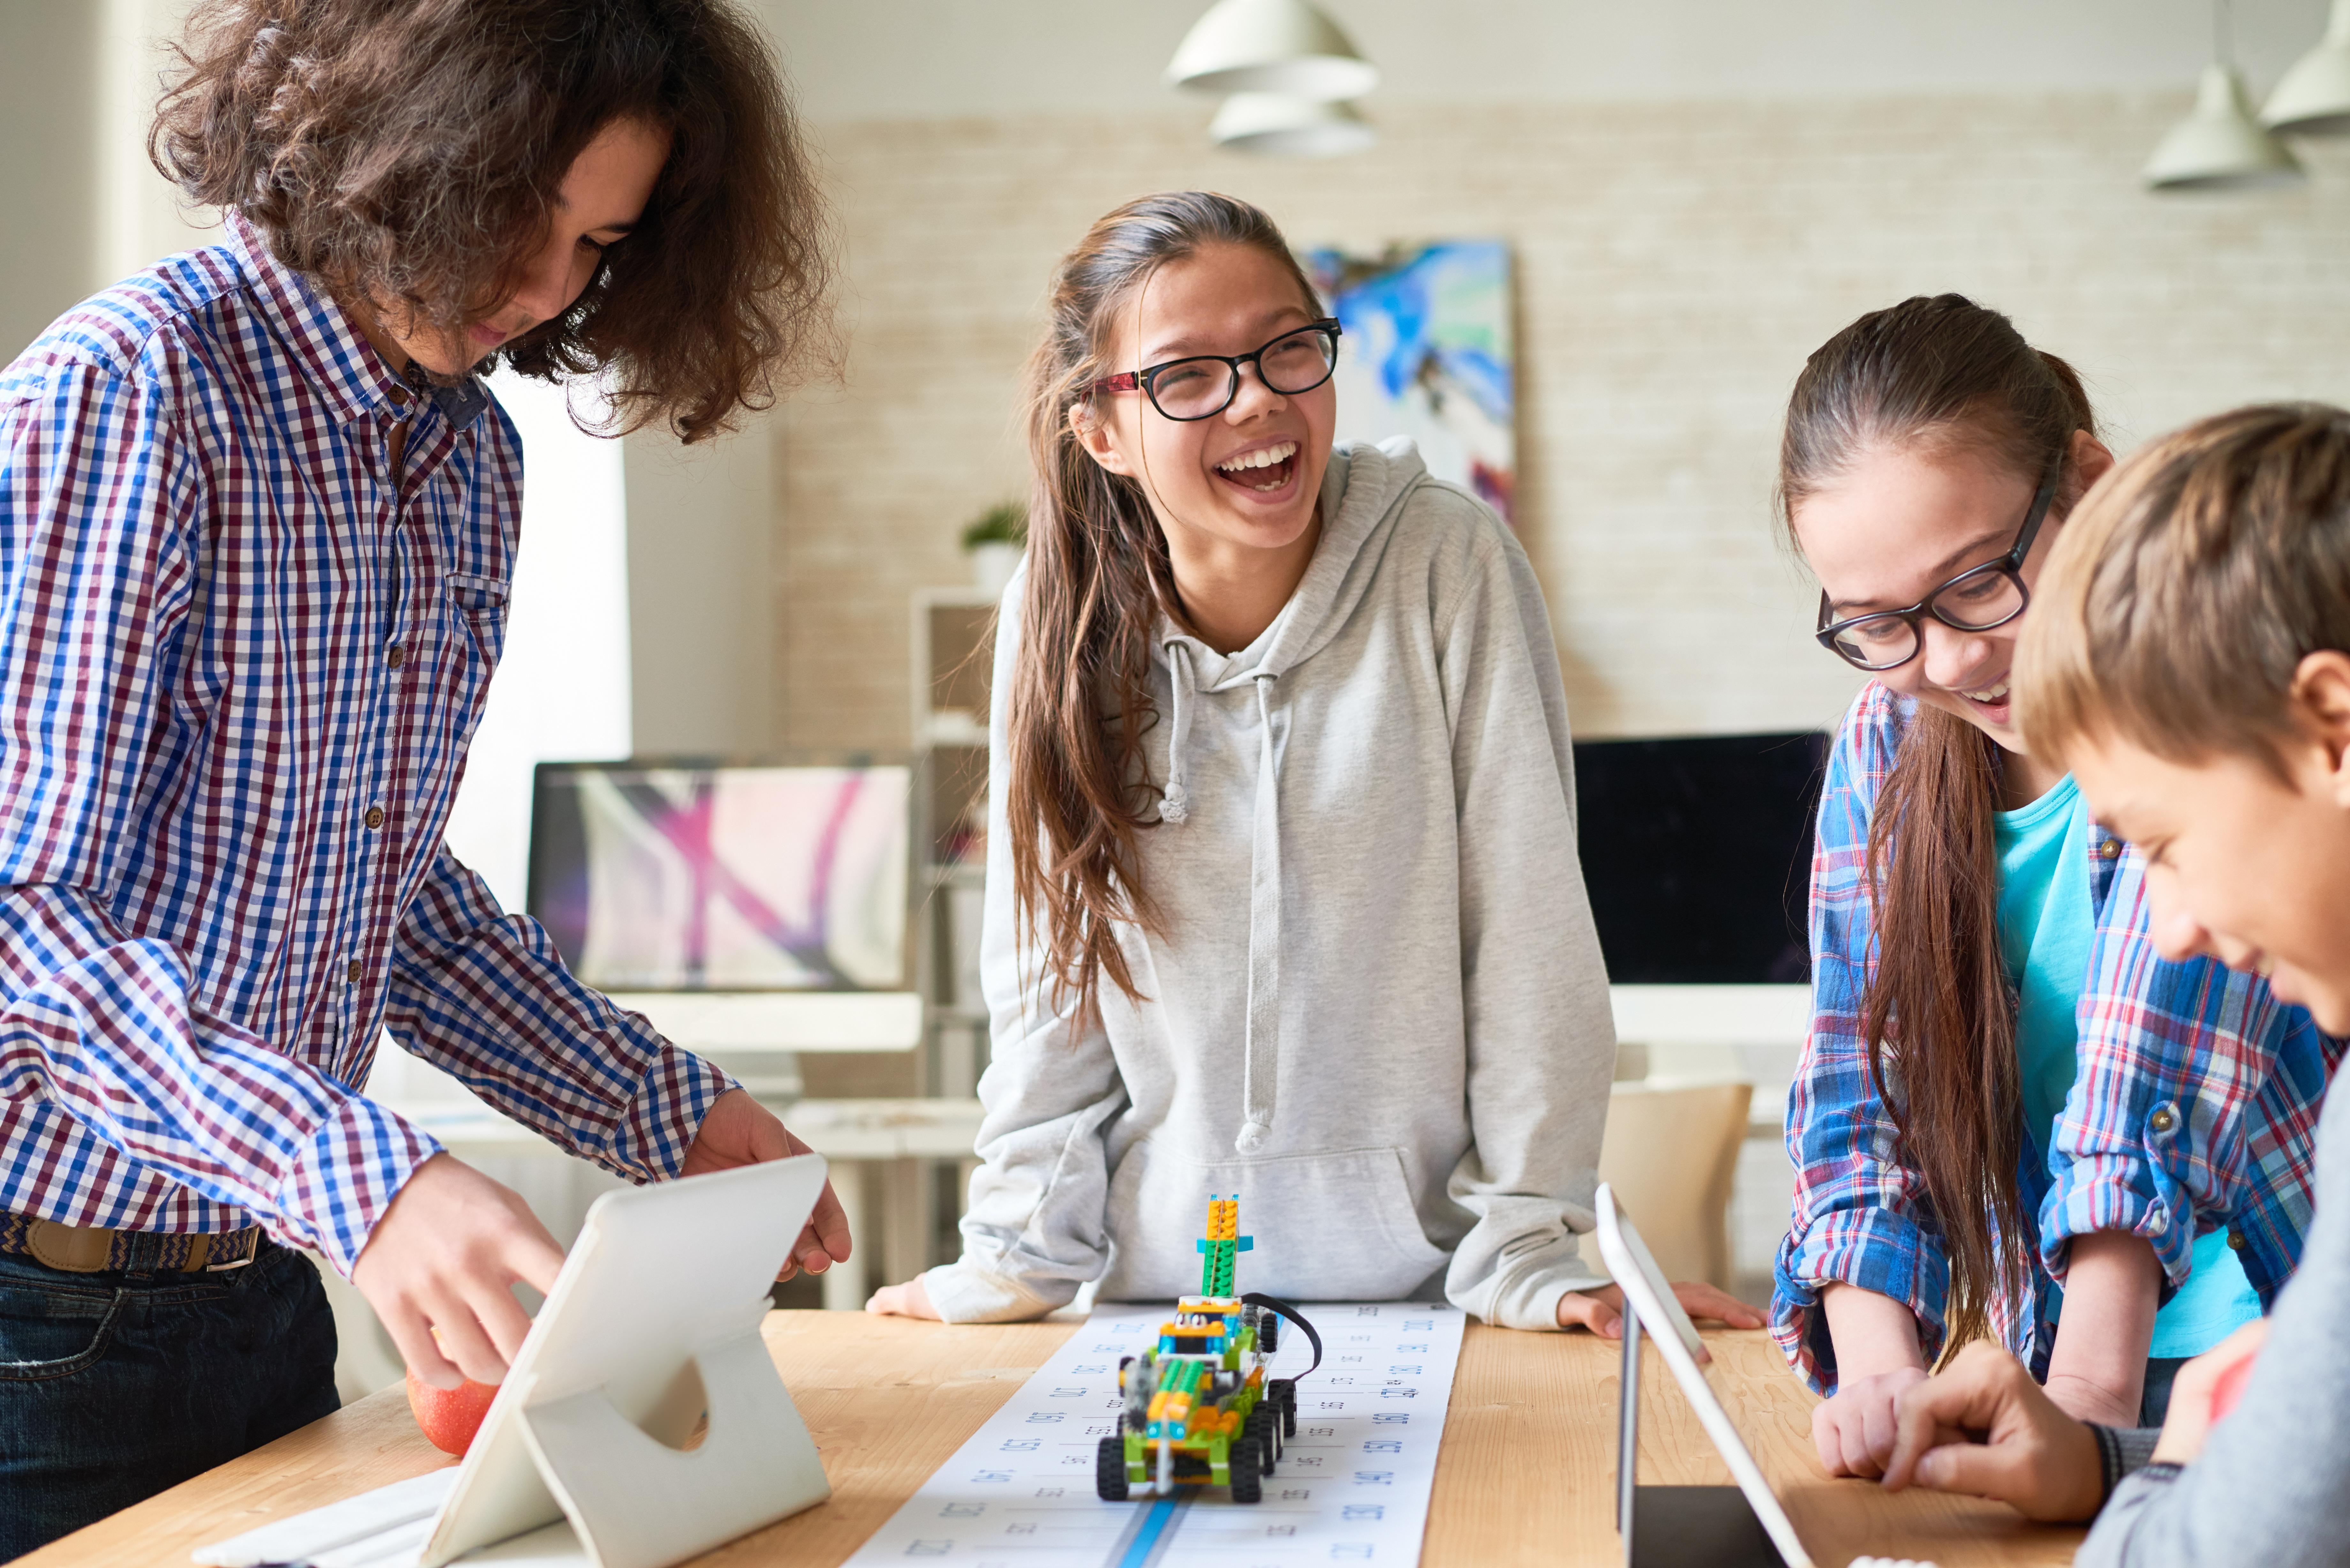 DESIGNING STEM BLENDED LEARNING INSTRUCTION - NAOMI HARM